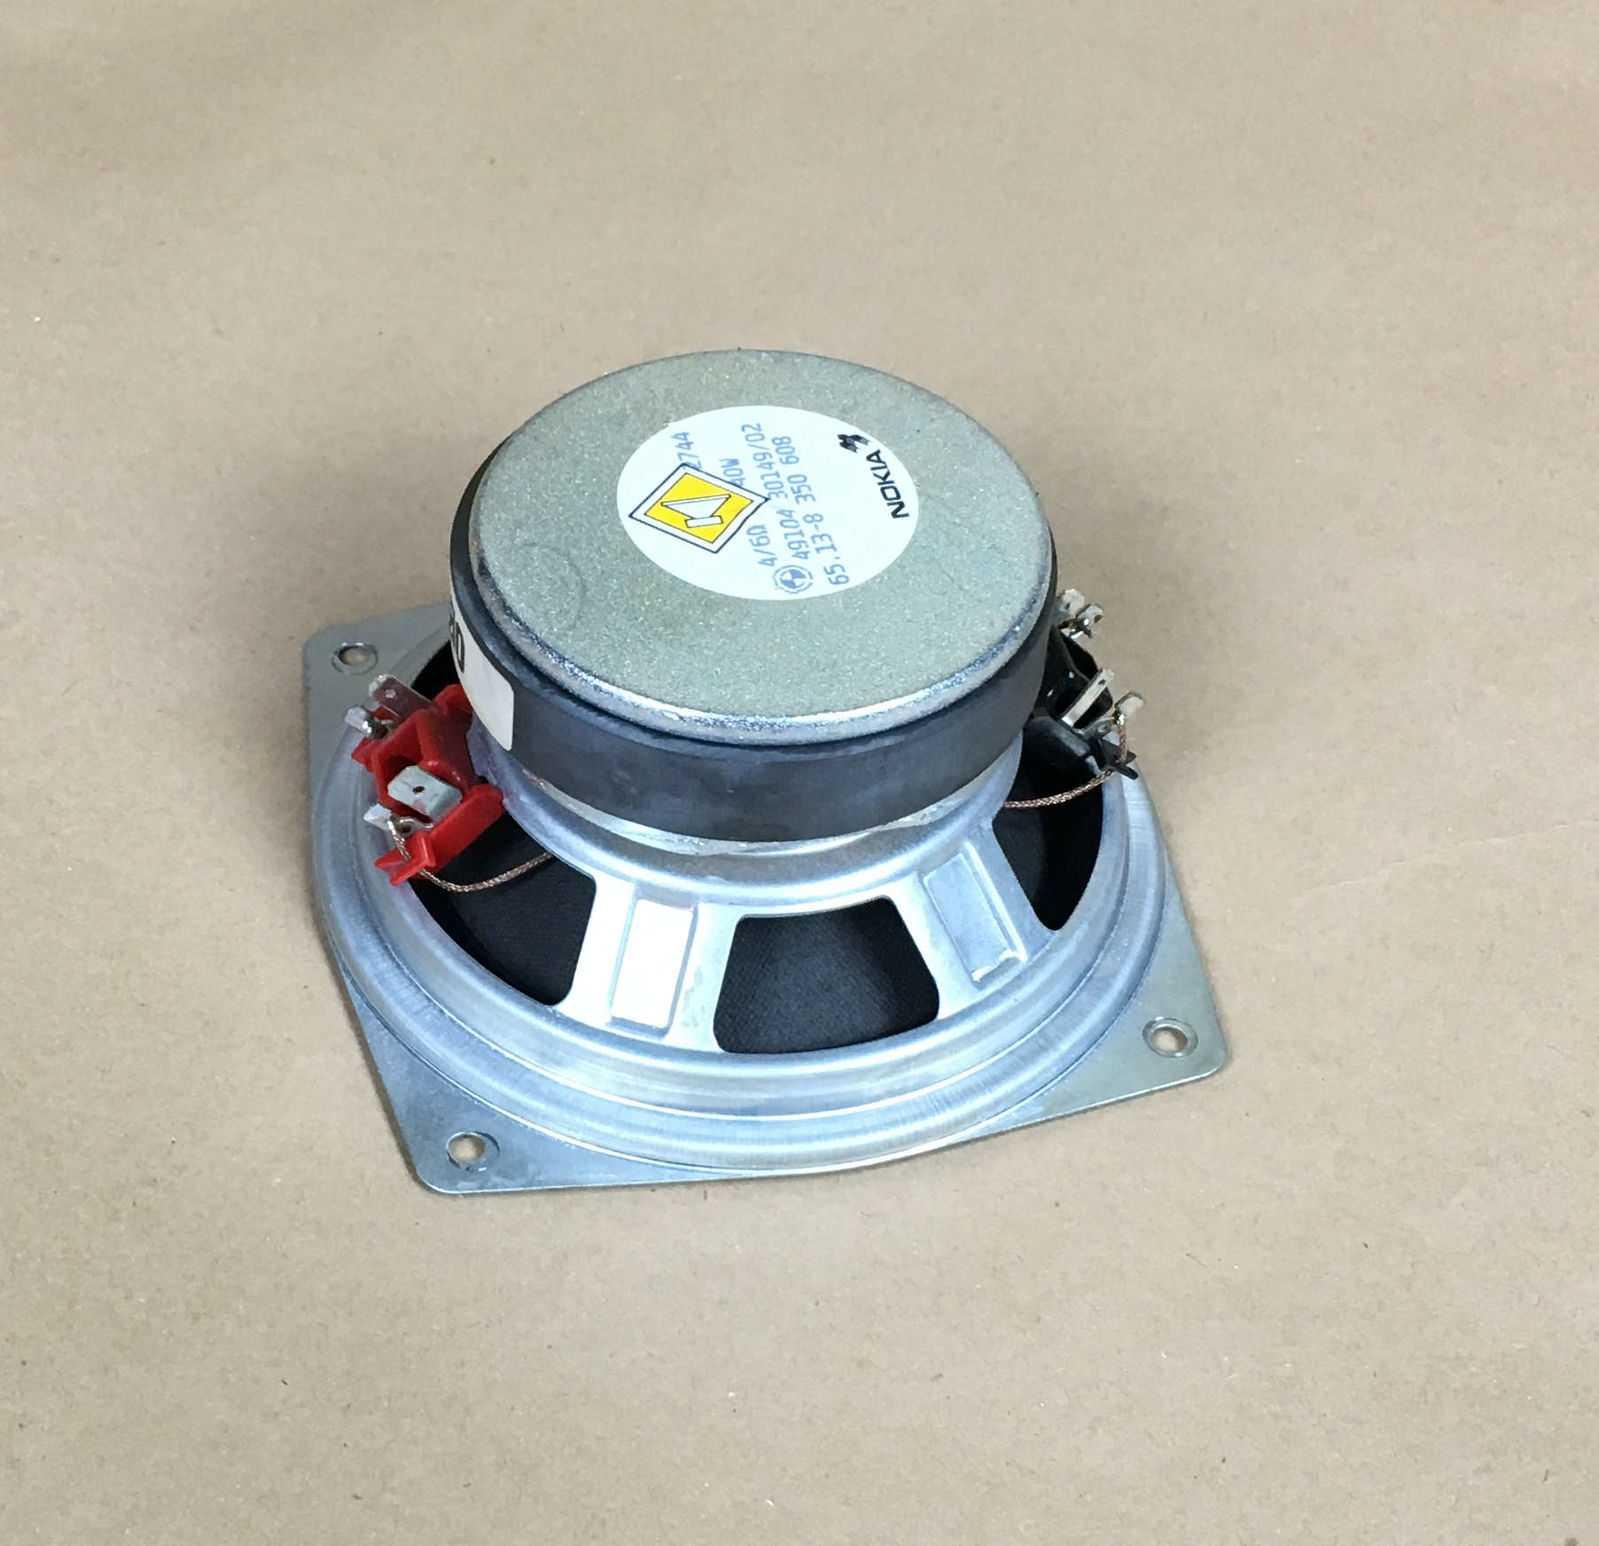 Bmw Z3 Speakers: BMW E36 325i Stereo Loud Speaker Woofer M3 328i E34 E32 M3